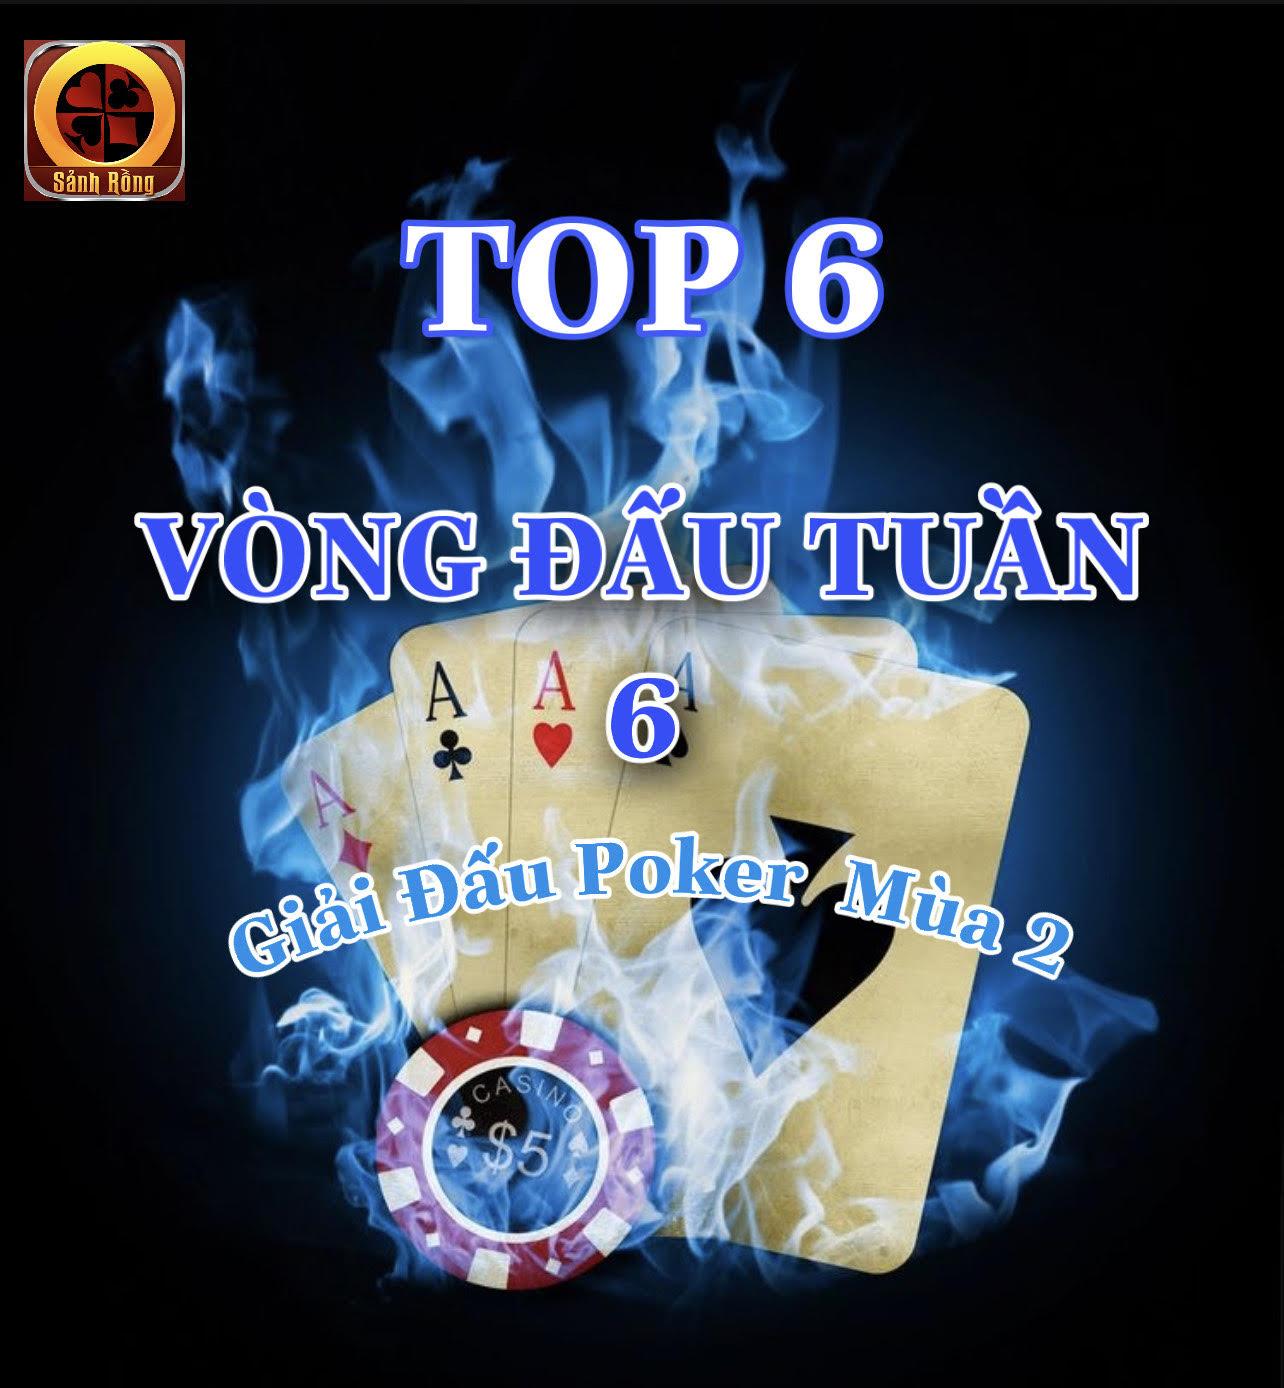 Top 06 Cao Thủ Sẽ Tham Dự Vòng Đấu Tuần 6 Đã Xuất Hiện [ Giải Đấu Poker Mùa 2 ]